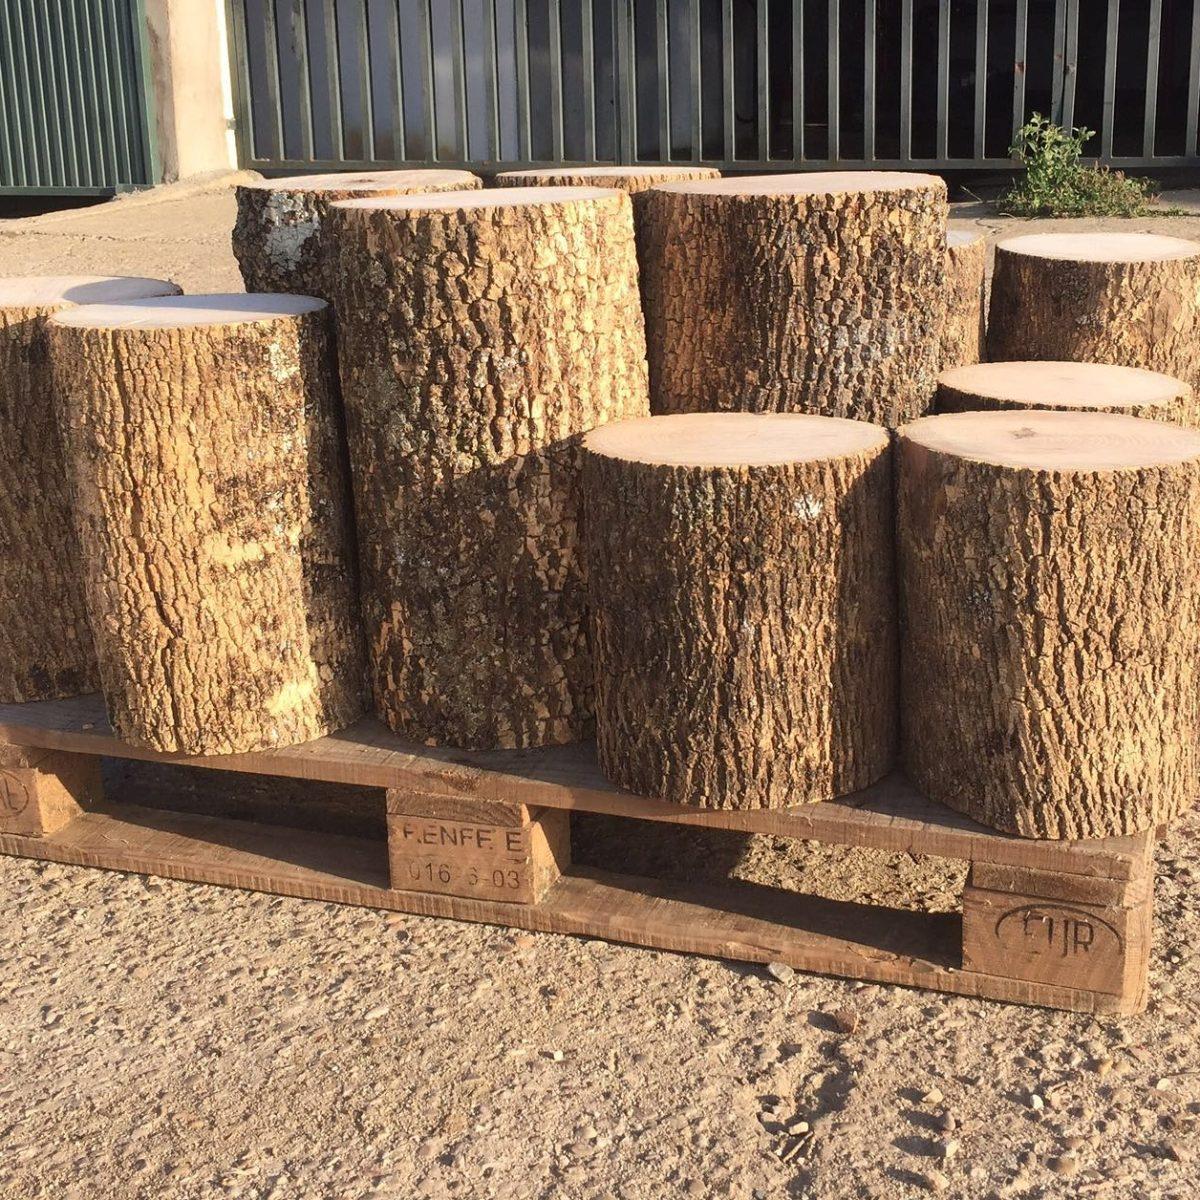 Comprar troncos de madera